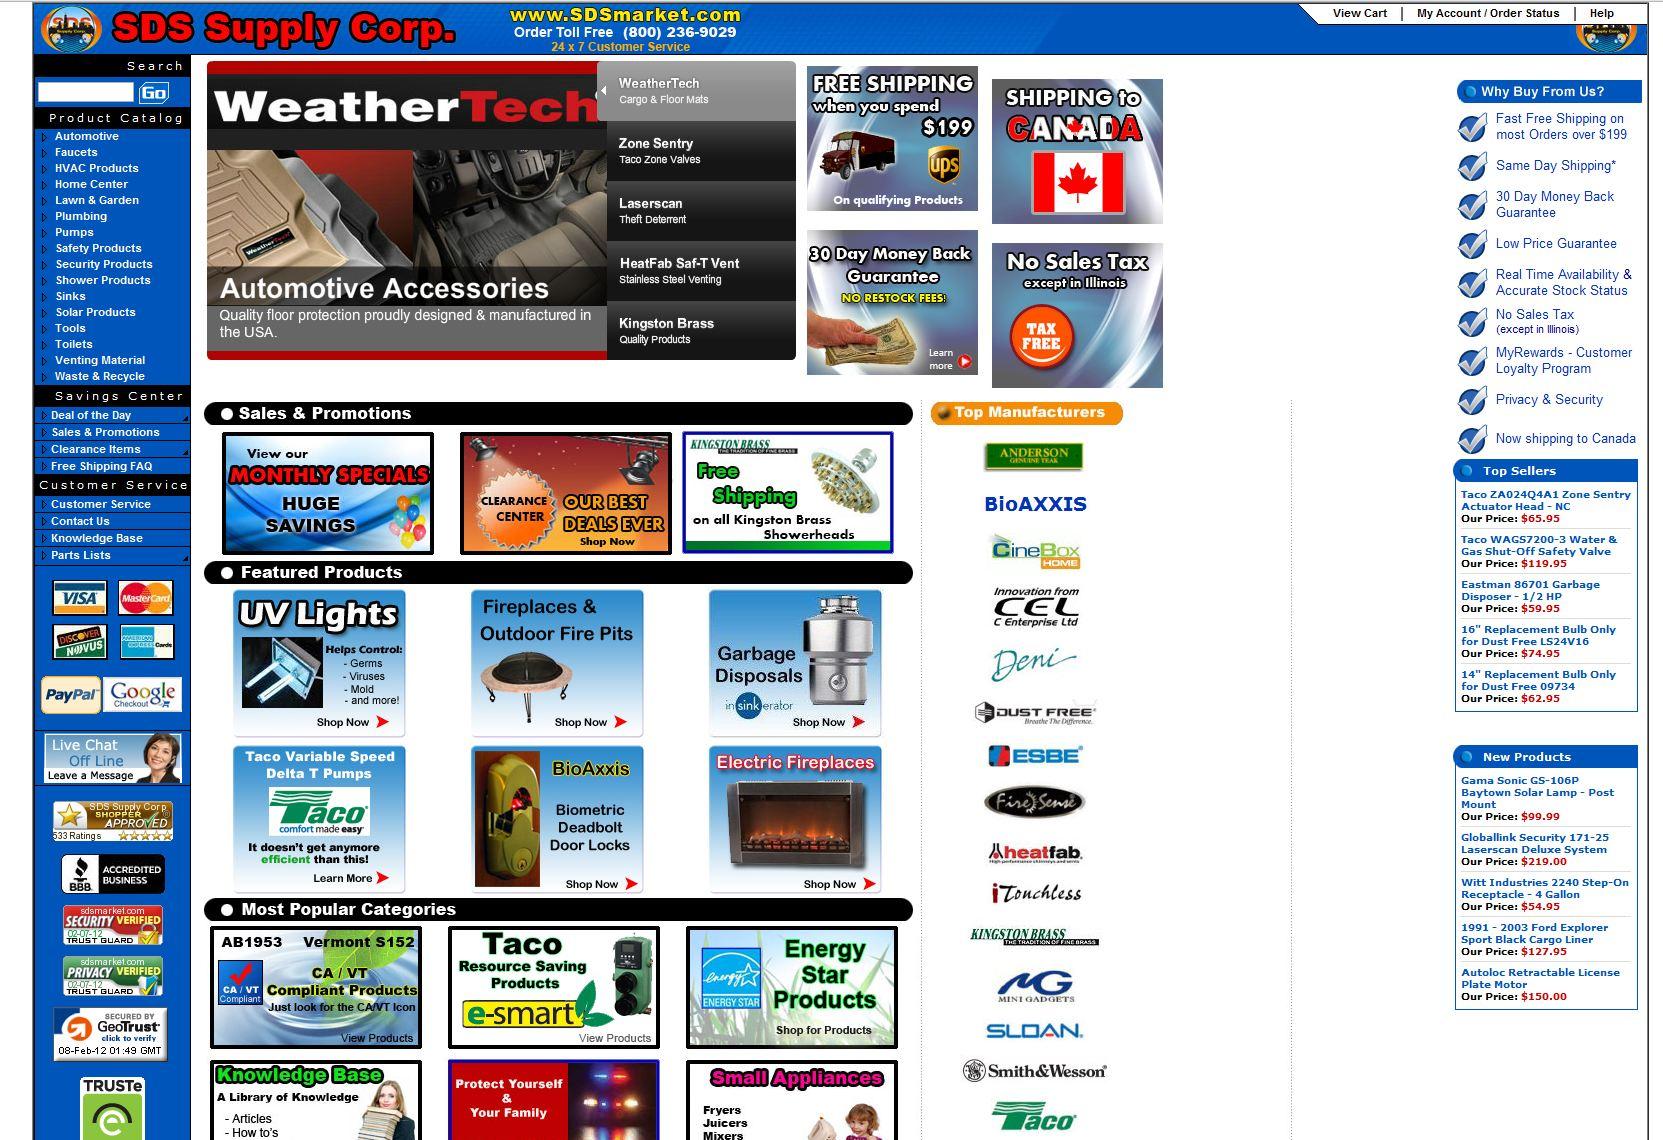 Sdsmarket.com